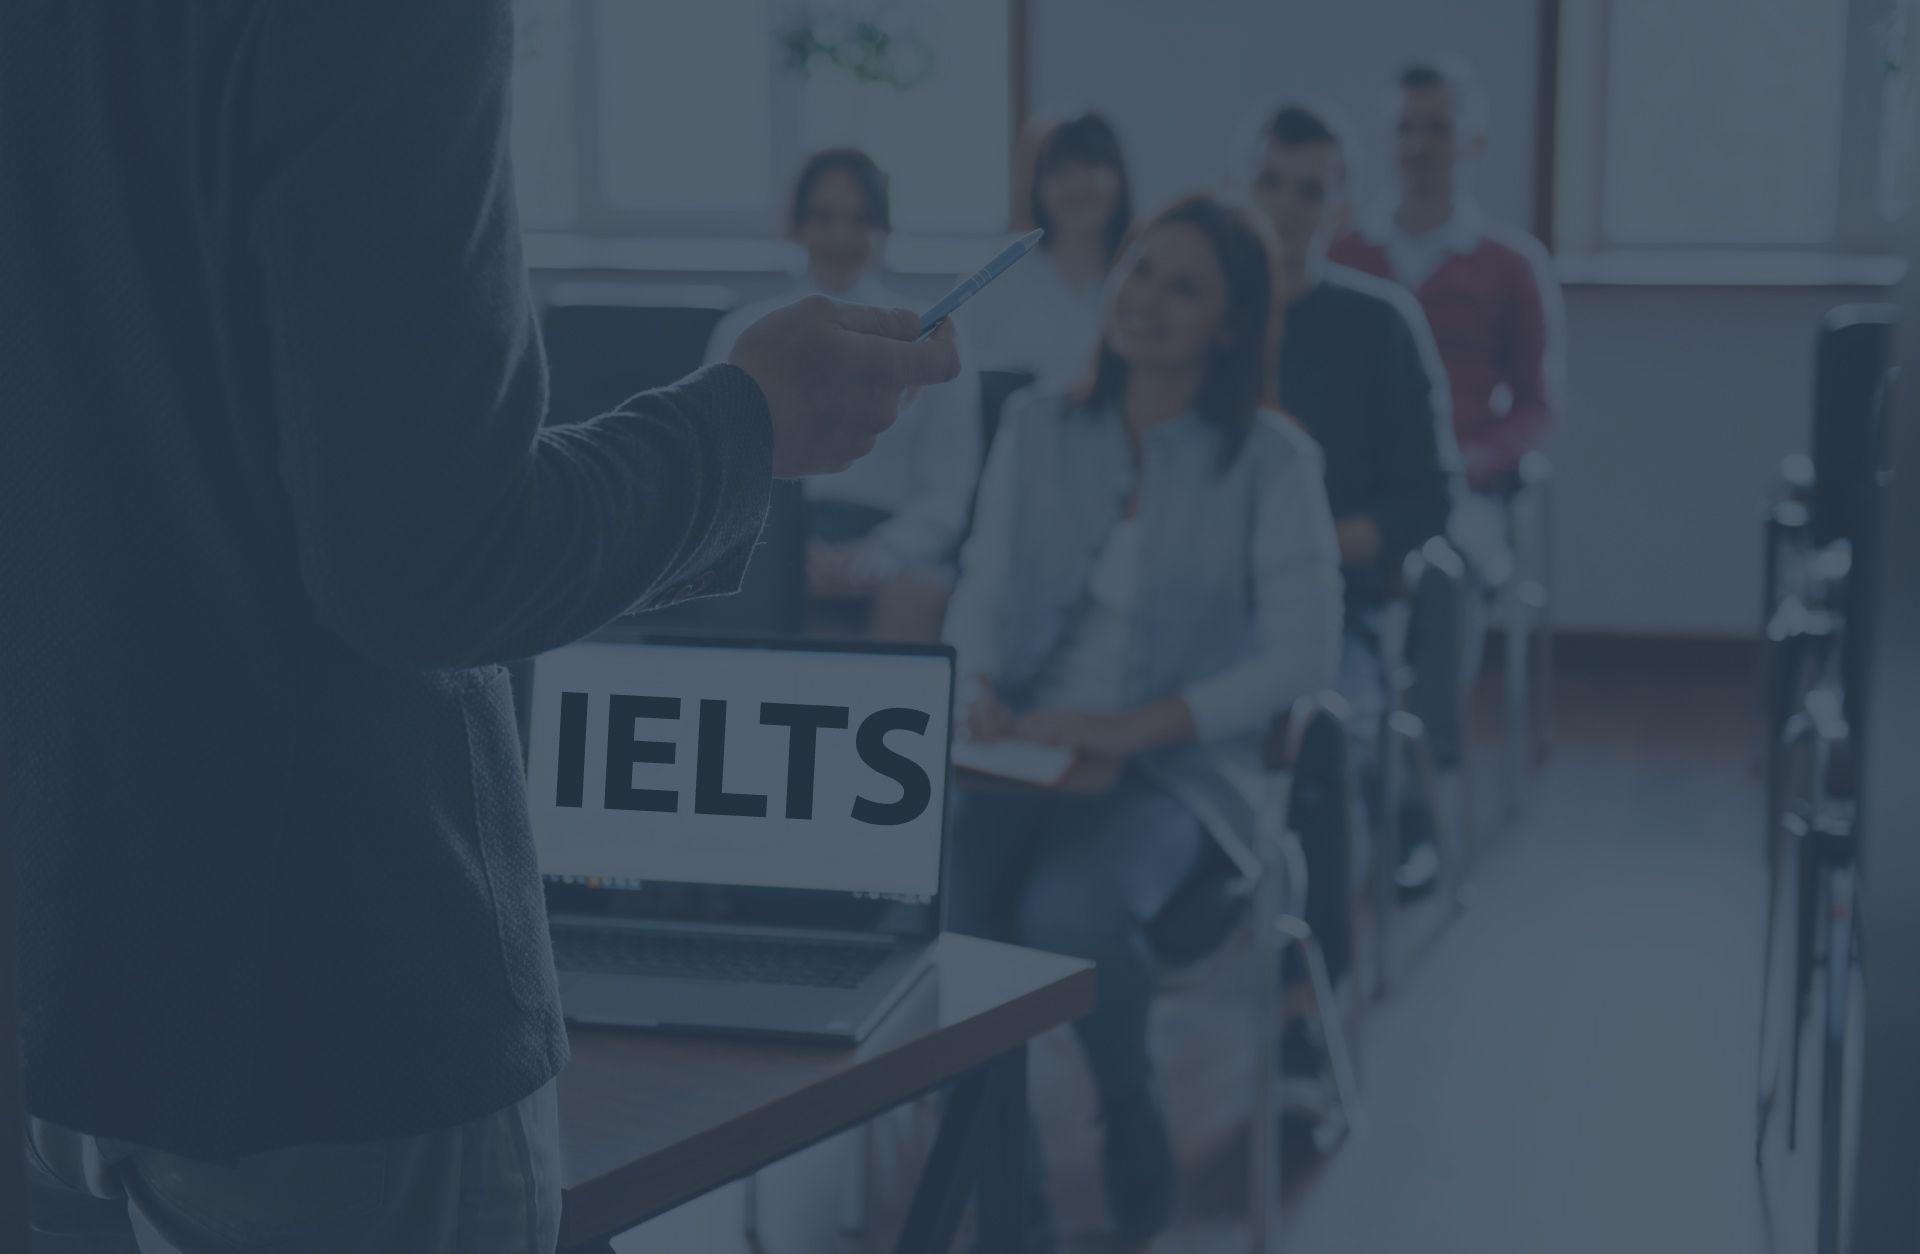 IELTS_Desktop